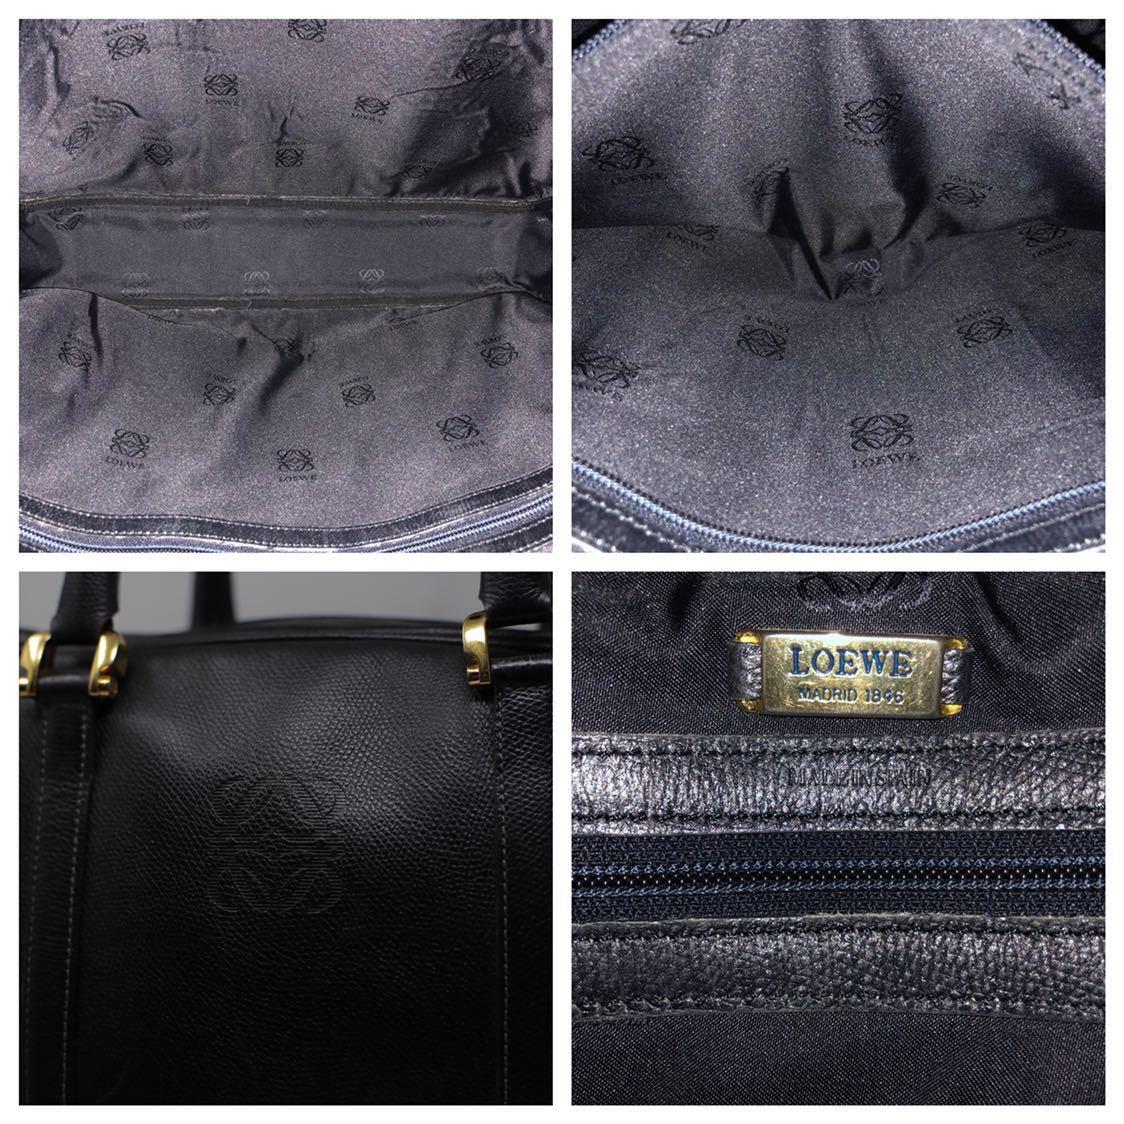 極美品 美品 A4収納 PC収納 LOEWE ロエベ ビジネスバッグ ブリーフケース 25万 メンズ カーフ レザー本革 黒 ブラック バッグ ビンテージ_画像10